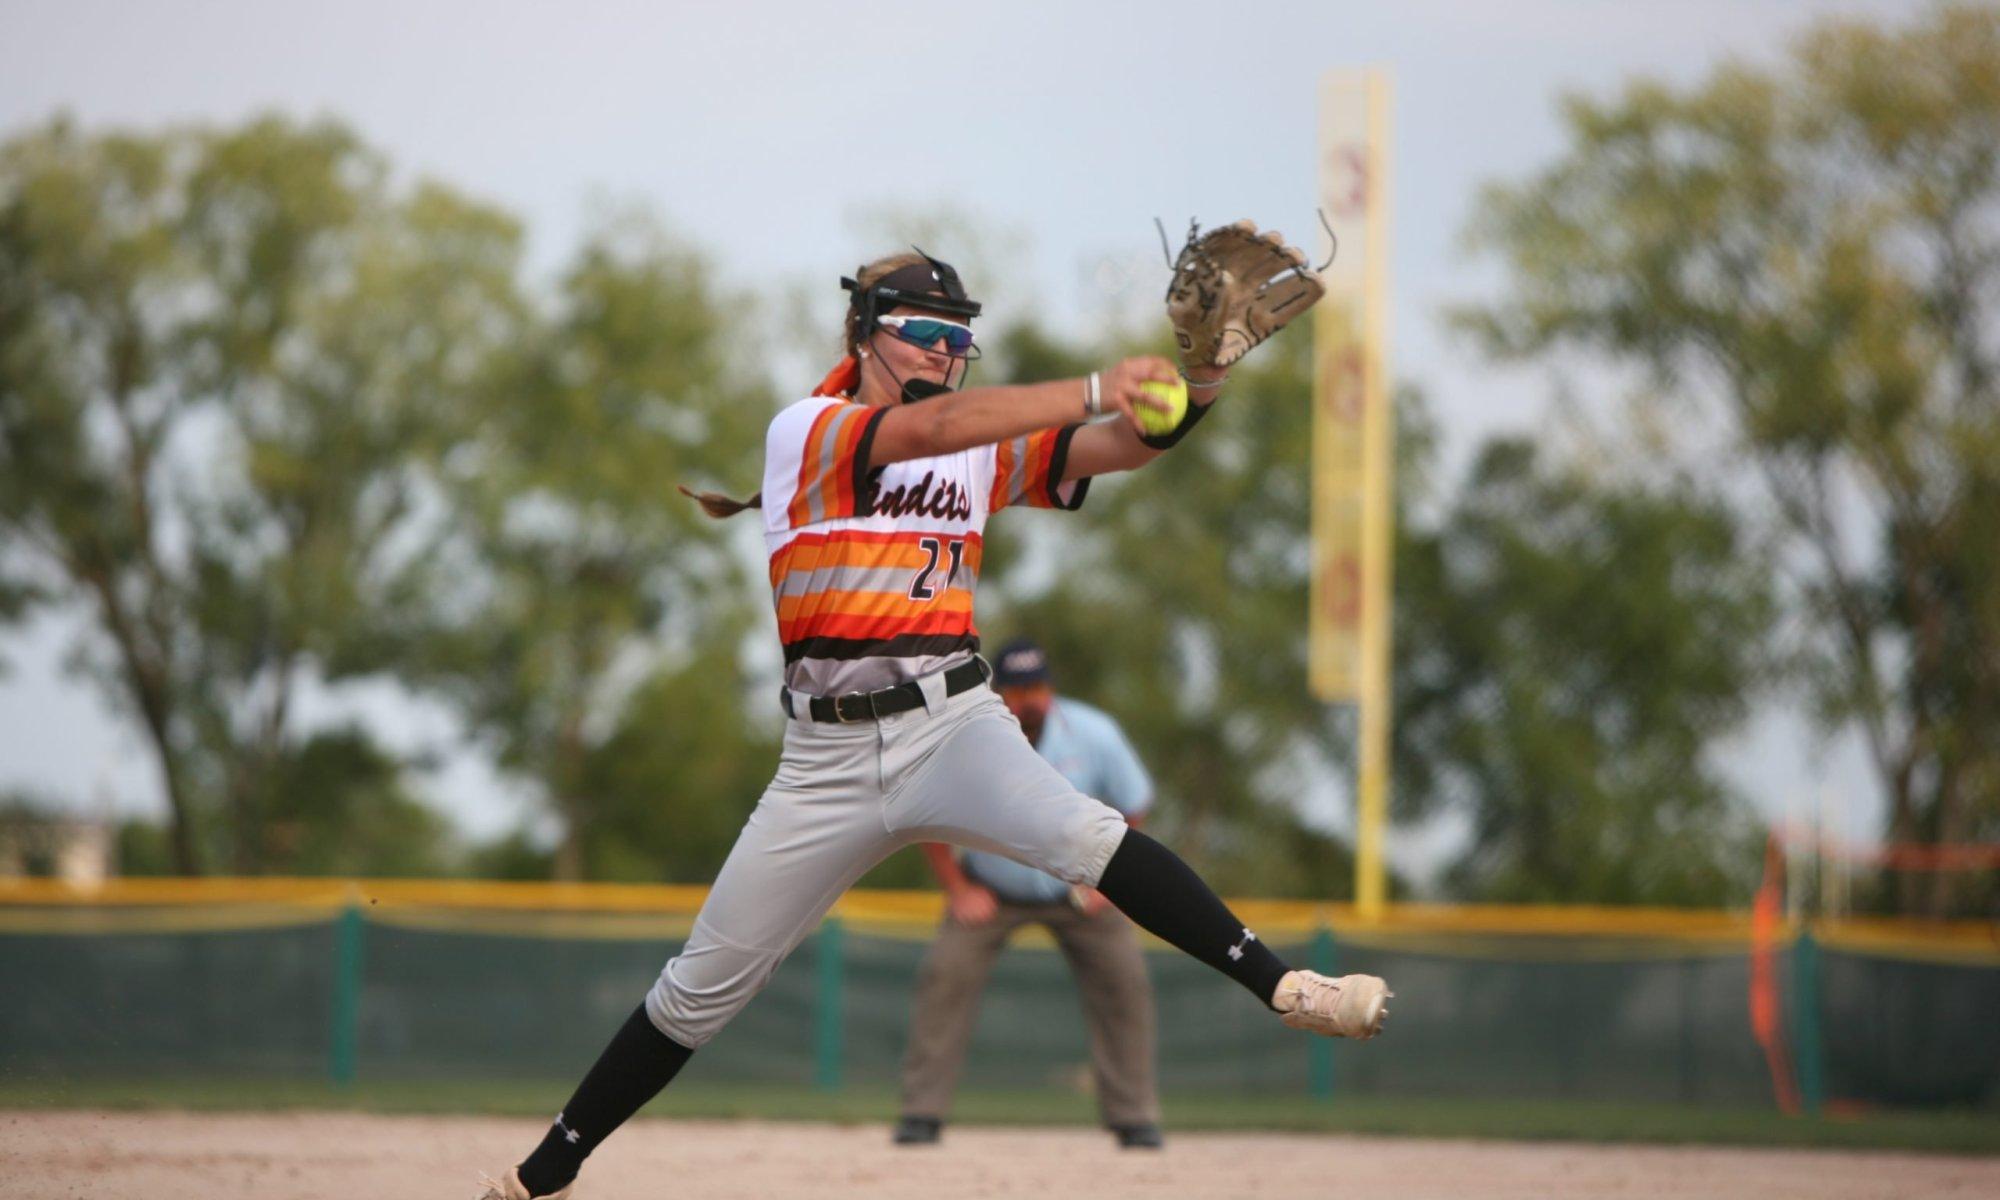 Thomas Ryleigh pitching Beverly Bandits Demarini Yates